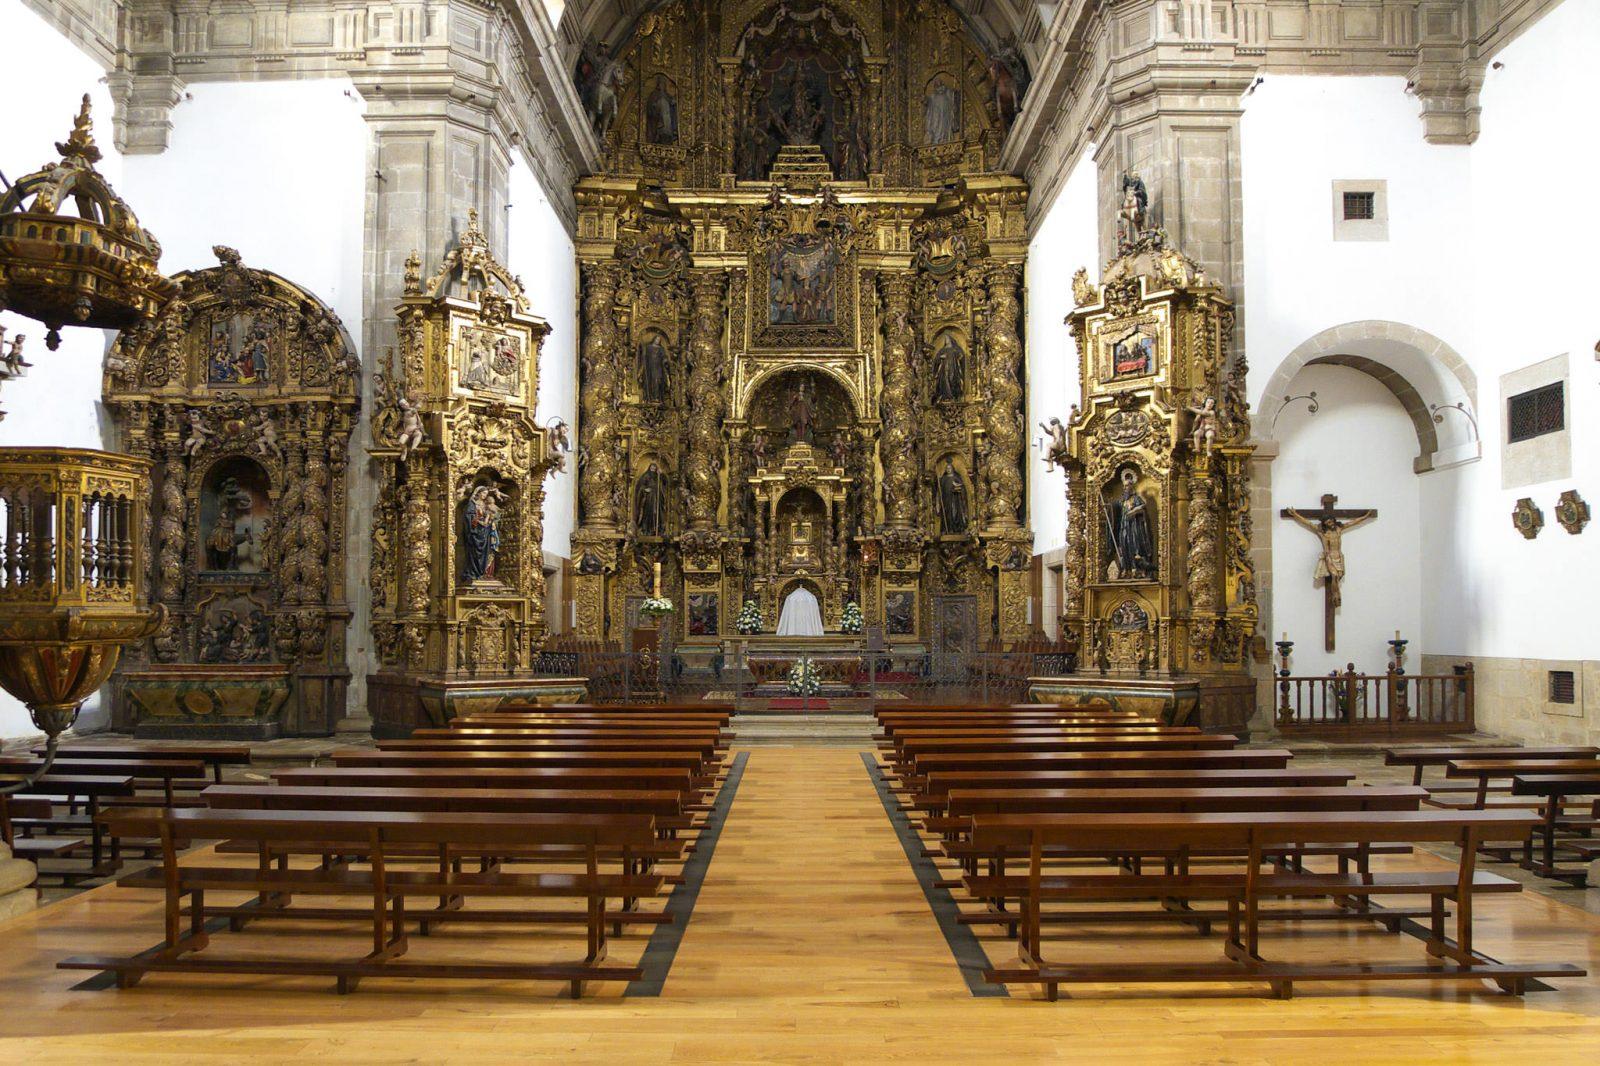 Внутри церкви (фото: José Luis Filpo Cabana)